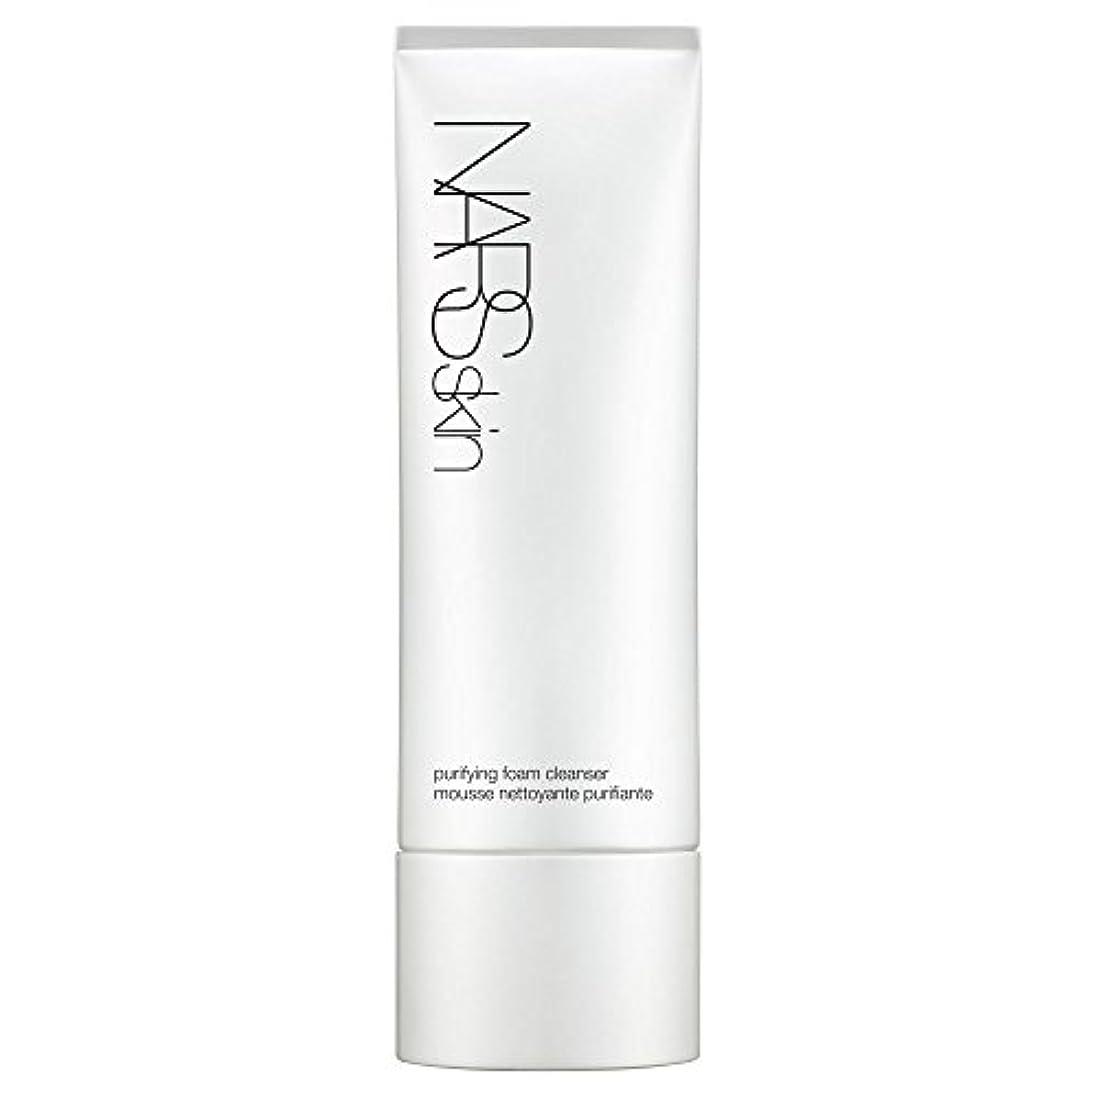 使い込む発見リスナー[NARS] 125ミリリットルNarsskin浄化泡洗顔料、 - Narsskin Purifying Foam Cleanser, 125ml [並行輸入品]